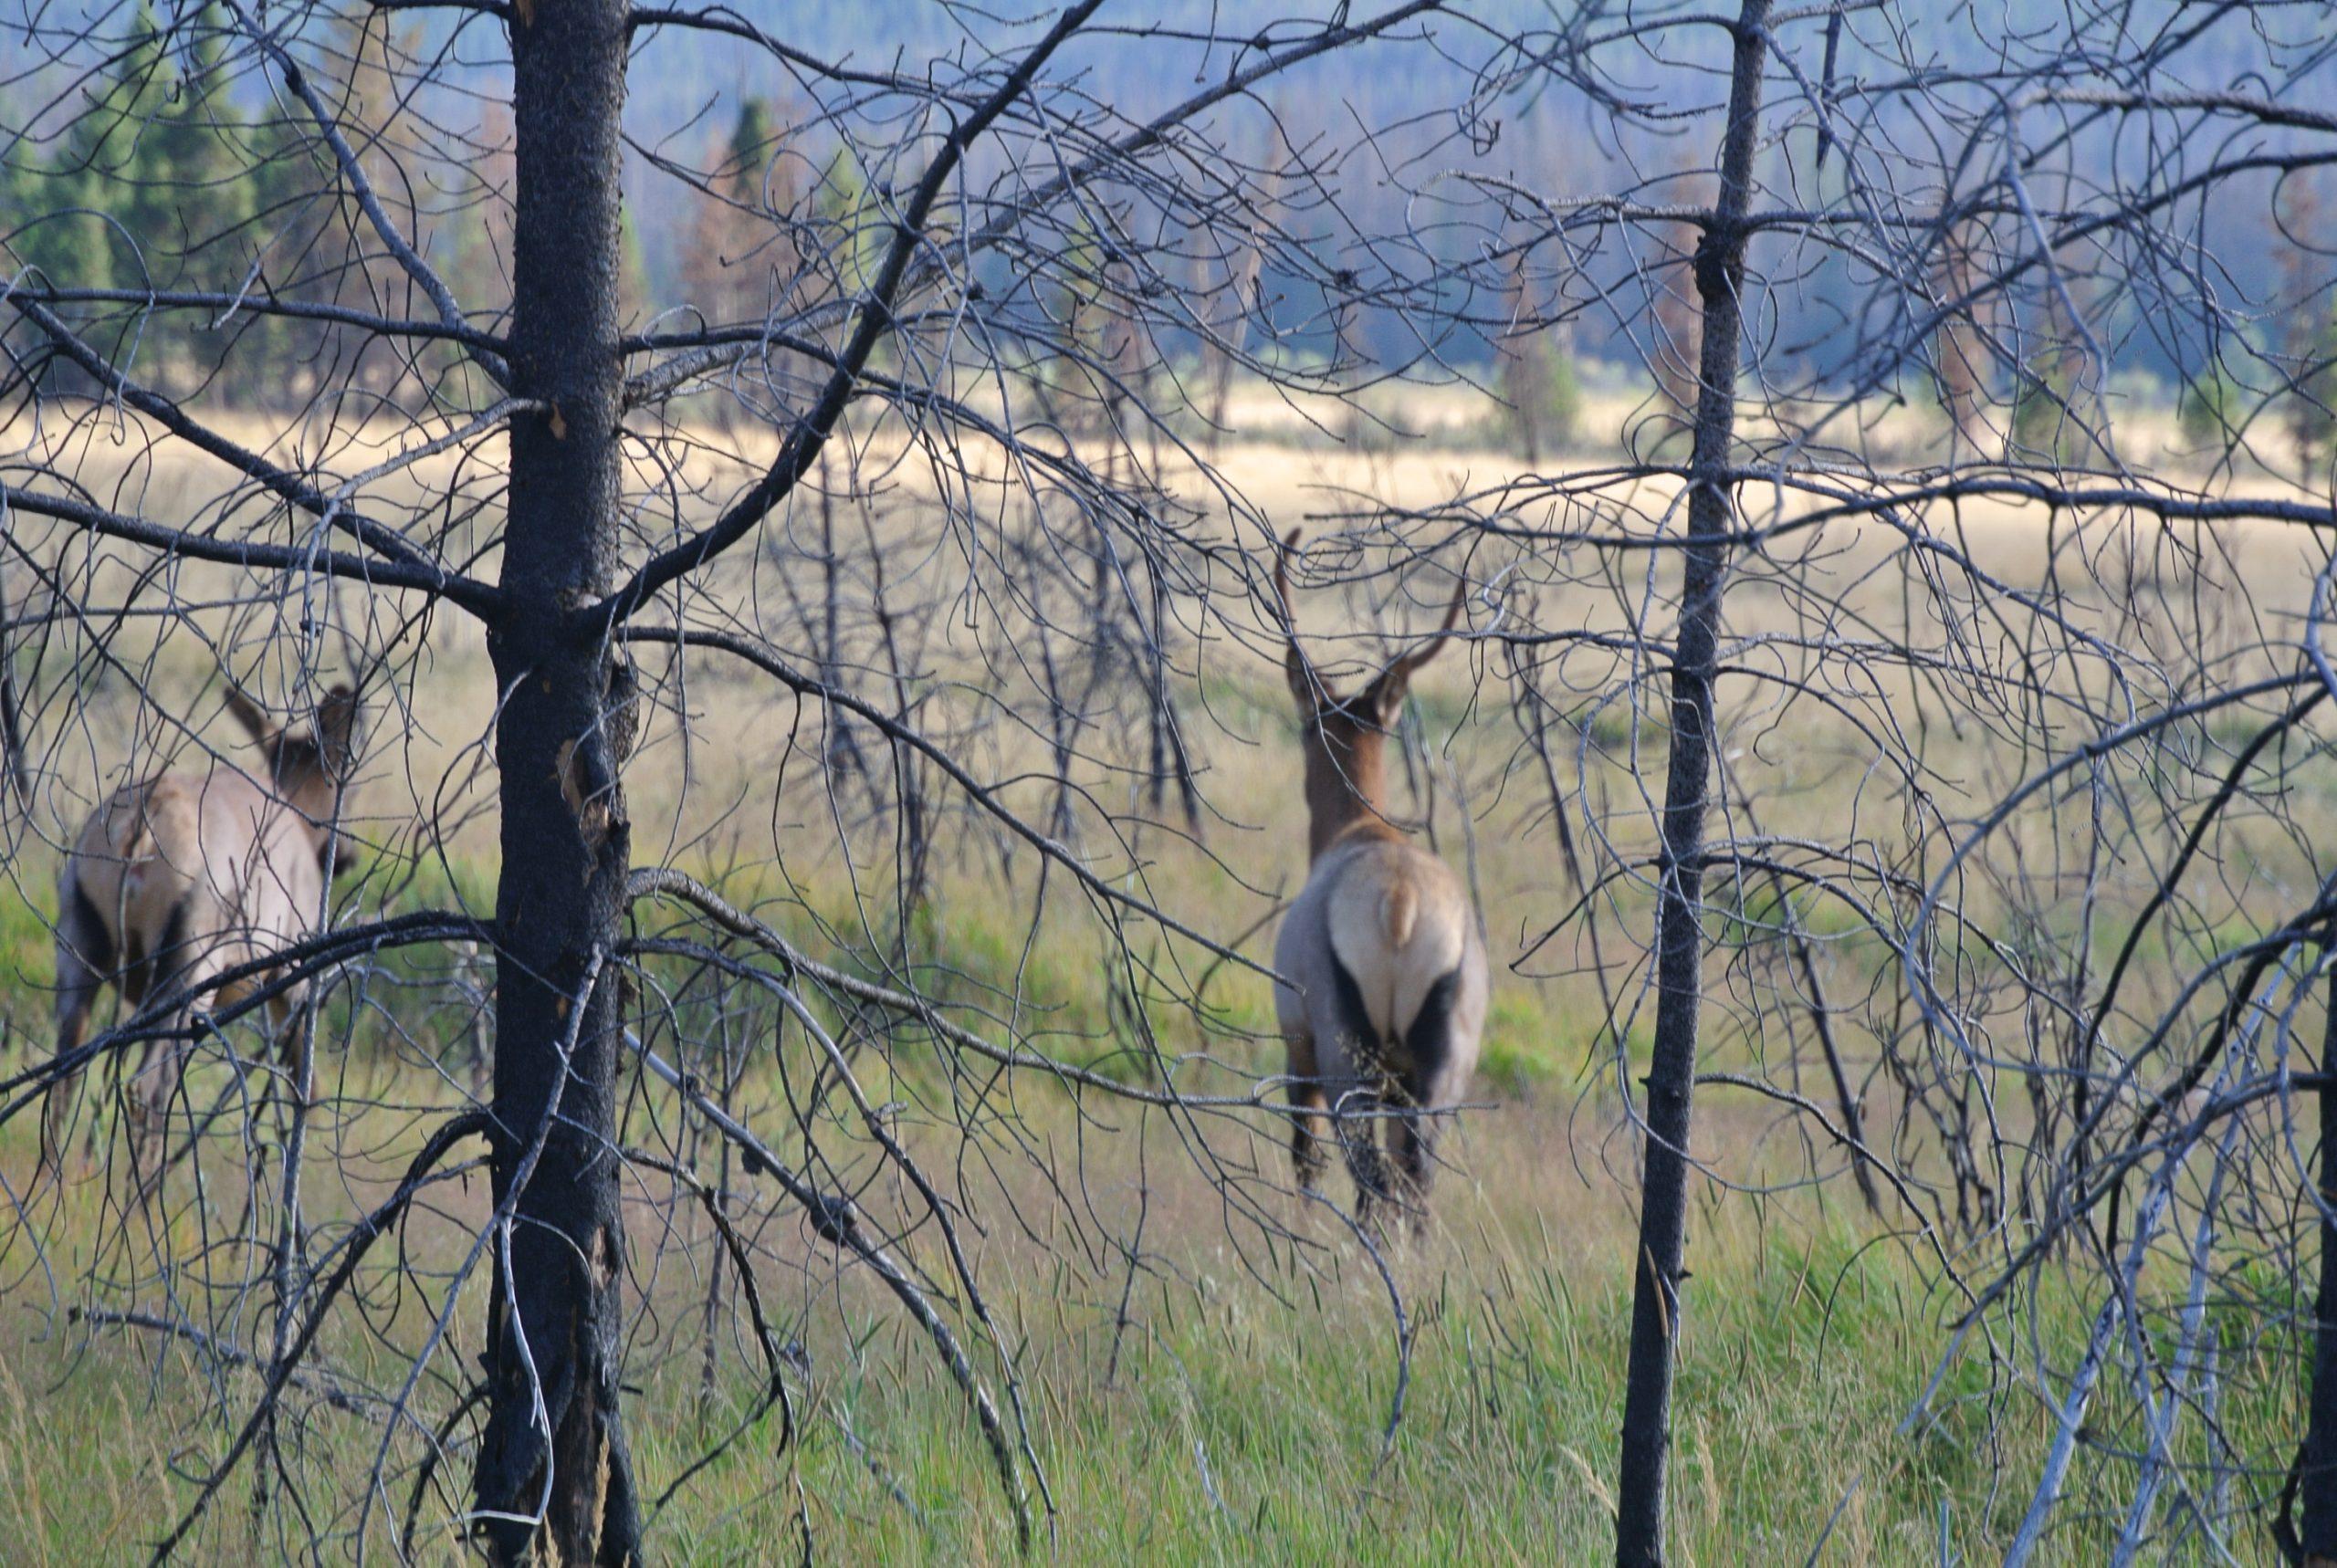 Rocky Mountain Elk photo by Ali Ulrich